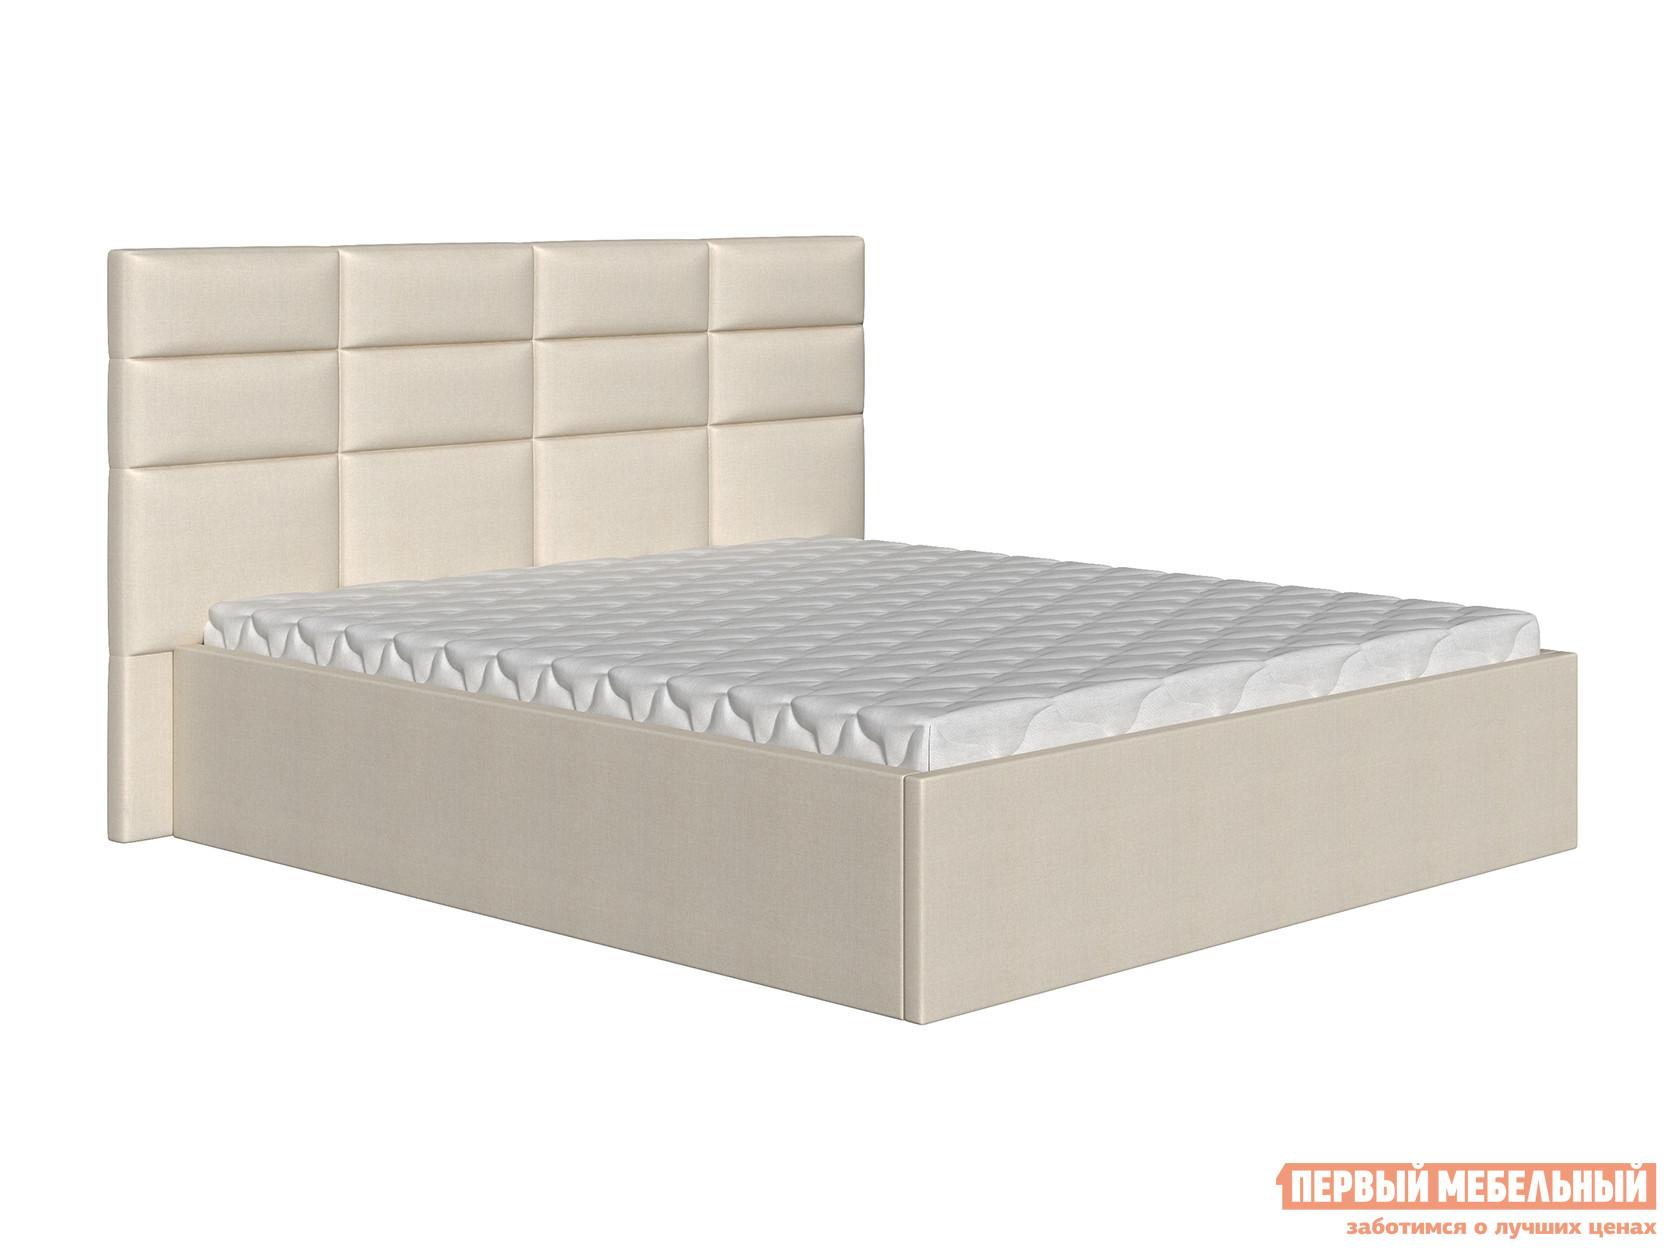 Двуспальная кровать  Кровать Коста Бежевый, рогожка, 140х200 см